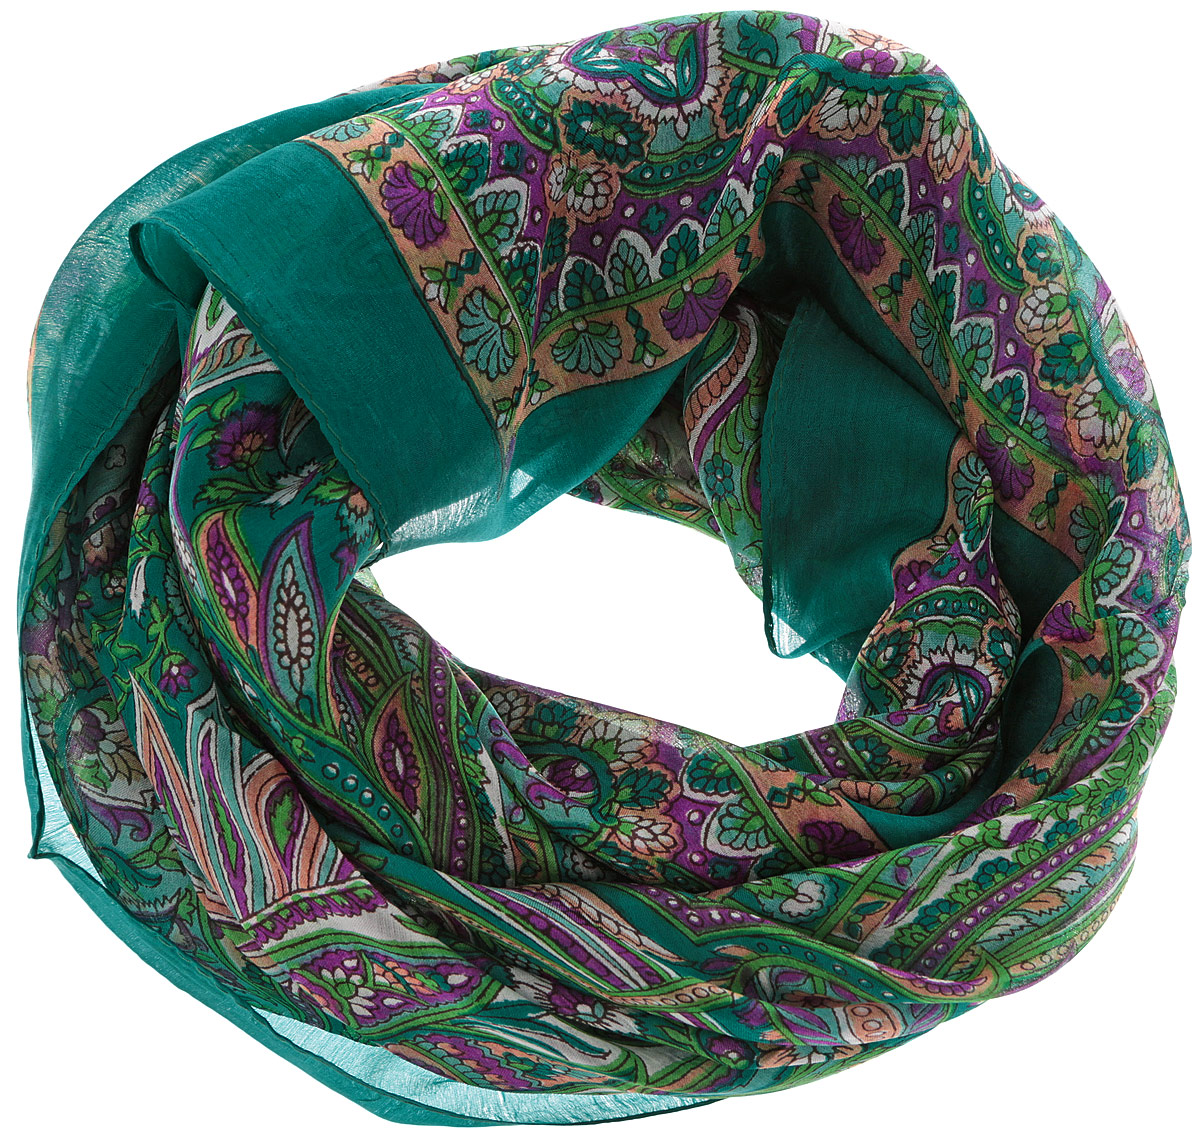 Платок женский Ethnica, цвет: изумрудный, фиолетовый, оранжевый. 560135н. Размер 100 см х 100 см560135нСтильный женский платок Ethnica станет великолепным завершением любого наряда. Платок изготовлен из 100% шелка с использованием натуральных красителей, оформлен оригинальным орнаментом. Классическая квадратная форма позволяет носить платок на шее, украшать им прическу или декорировать сумочку. Такой платок превосходно дополнит любой наряд и подчеркнет ваш неповторимый вкус и элегантность.